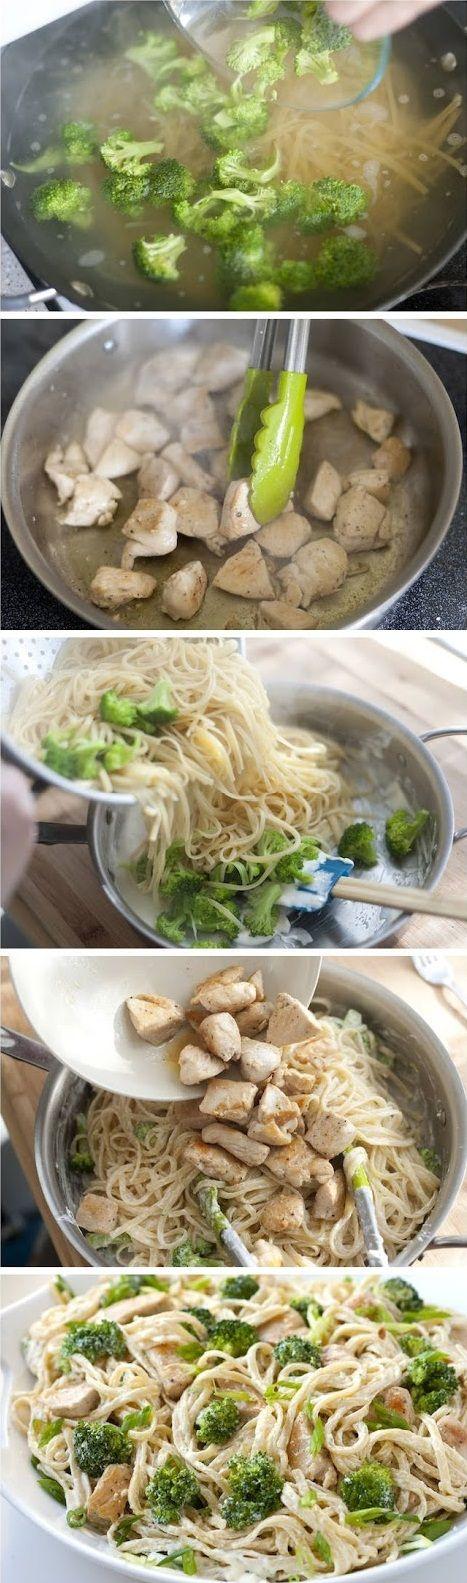 Creamy-Miso-Chicken-Pasta